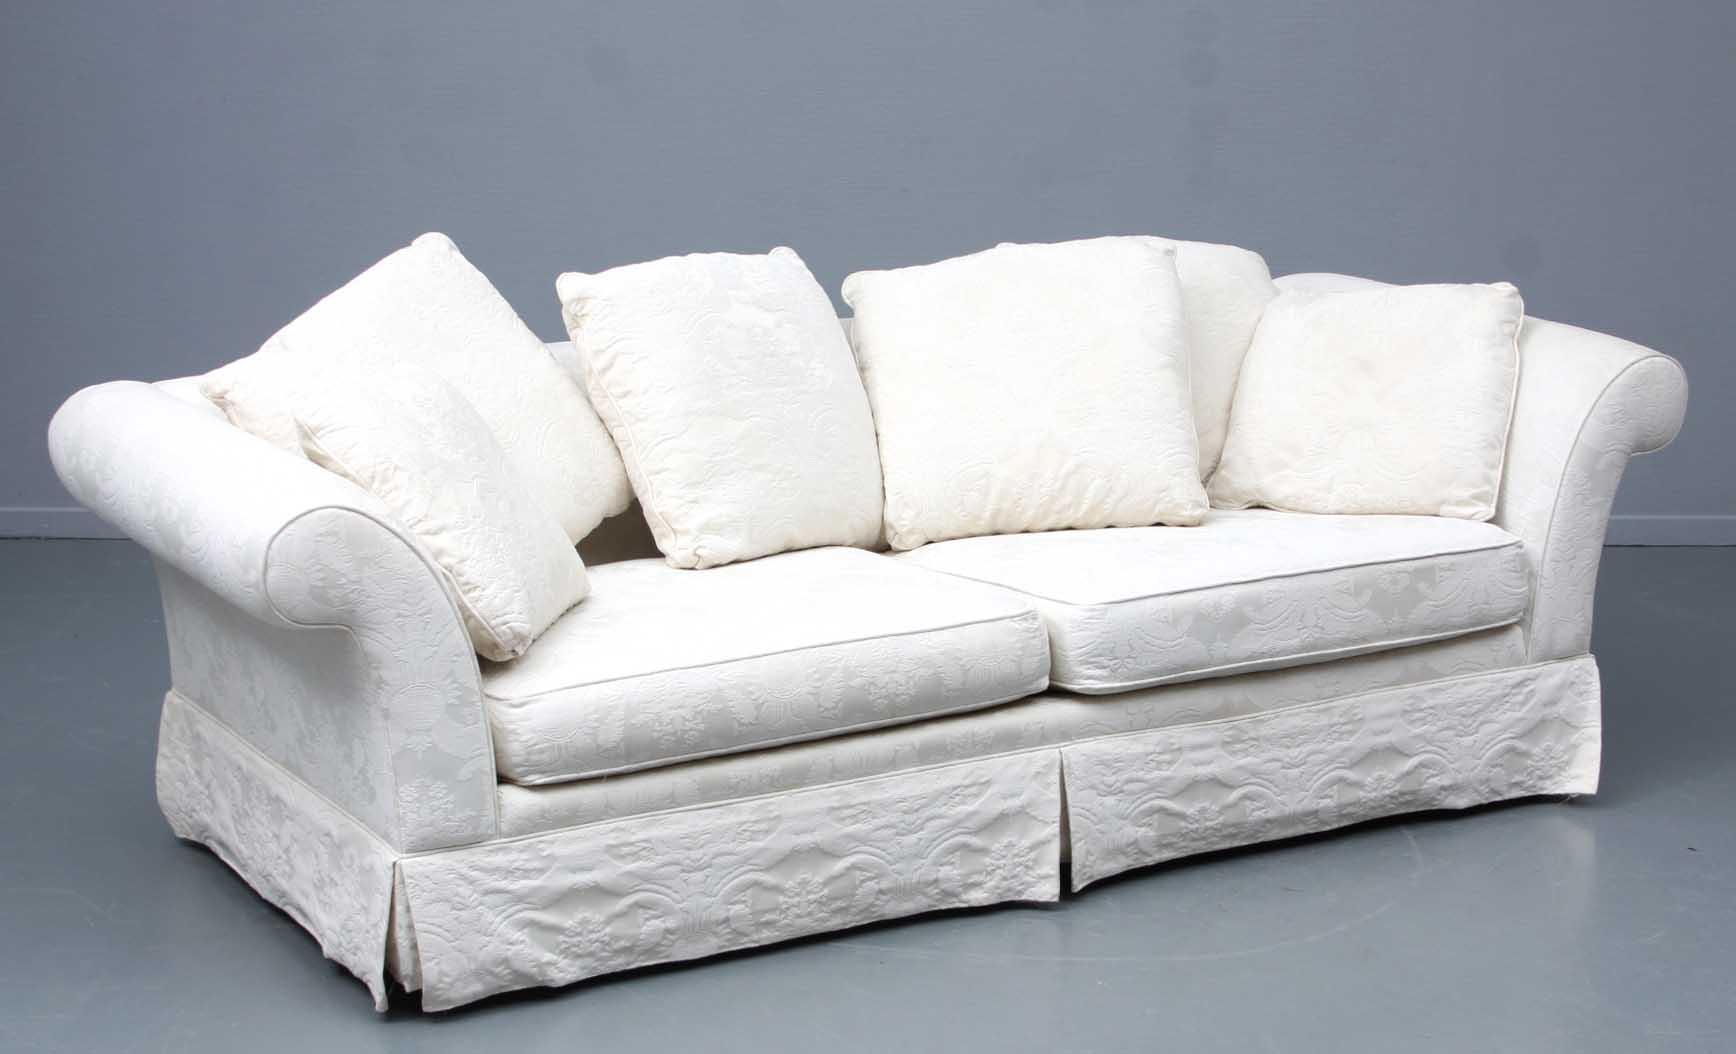 Bauhaus U.S.A. Inc. Tre Pers. Sofa Denne Vare Er Sat Til Omsalg Under Nyt